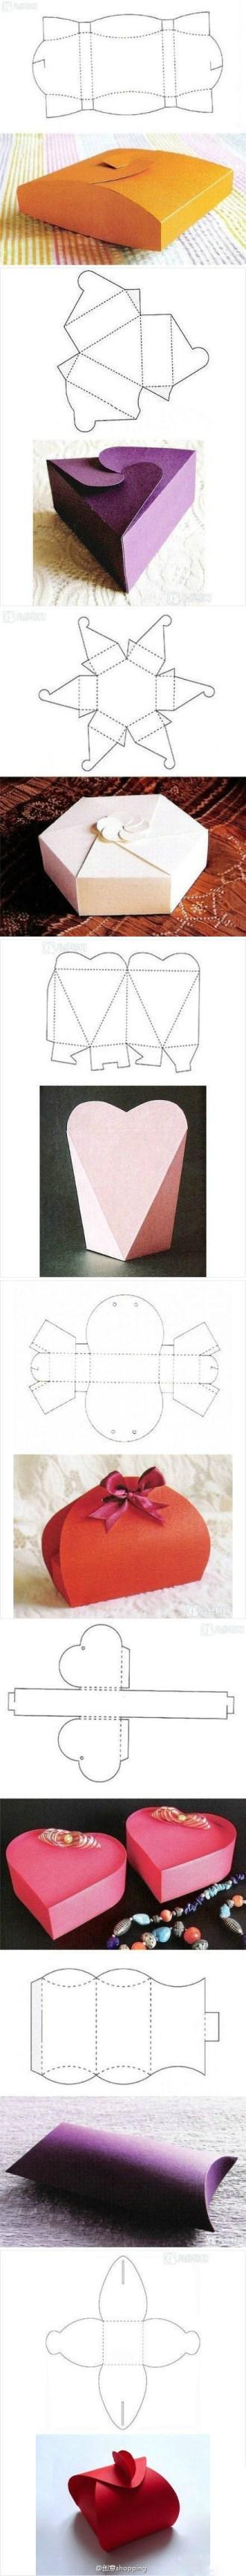 3boyutlu-geometrik-sekiller